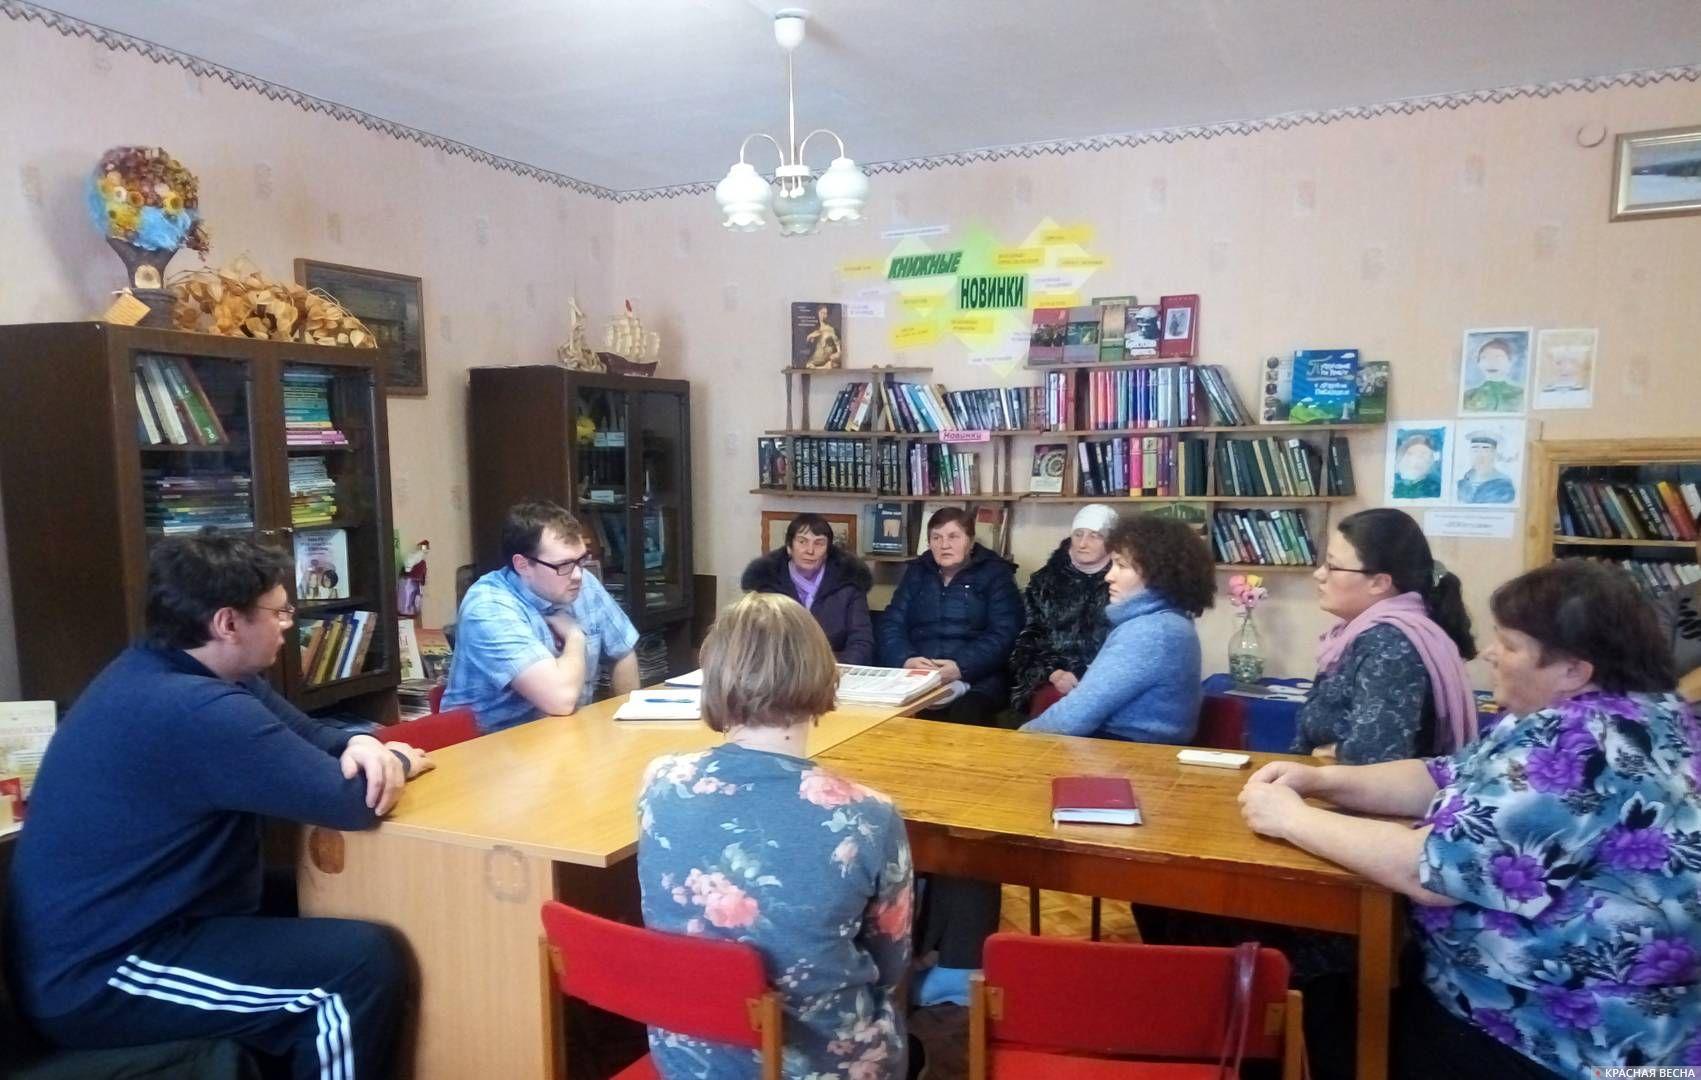 Встреча по пенсионной и мусорной реформам. Село Чусовое, Шалинский район, Свердловская область